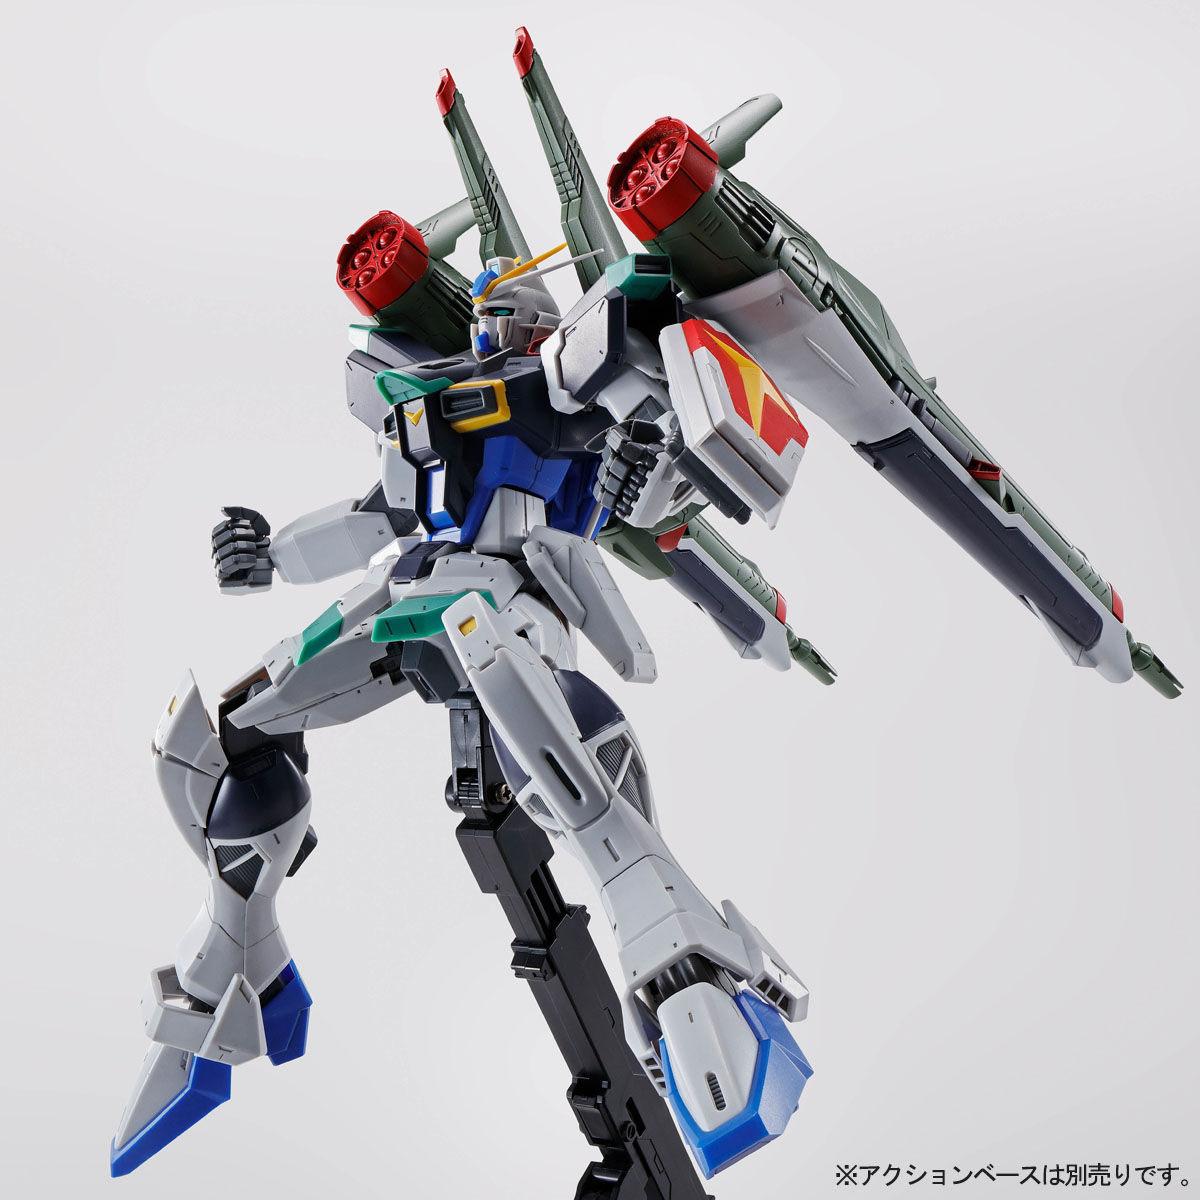 【限定販売】MG 1/100『ブラストインパルスガンダム』プラモデル-005